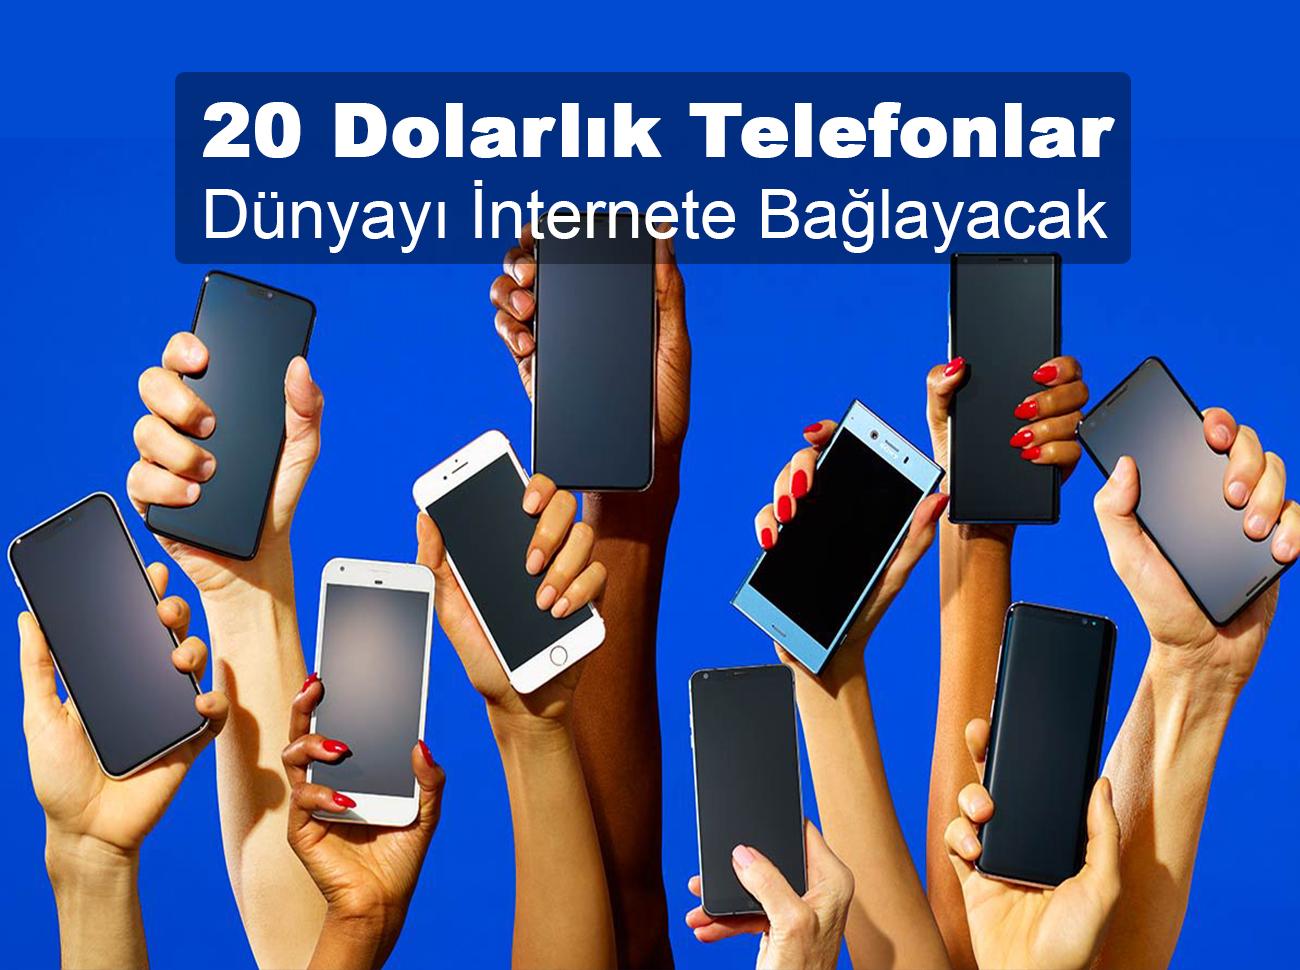 20 Dolarlık Telefonlar Dünyayı İnternete Bağlayacak